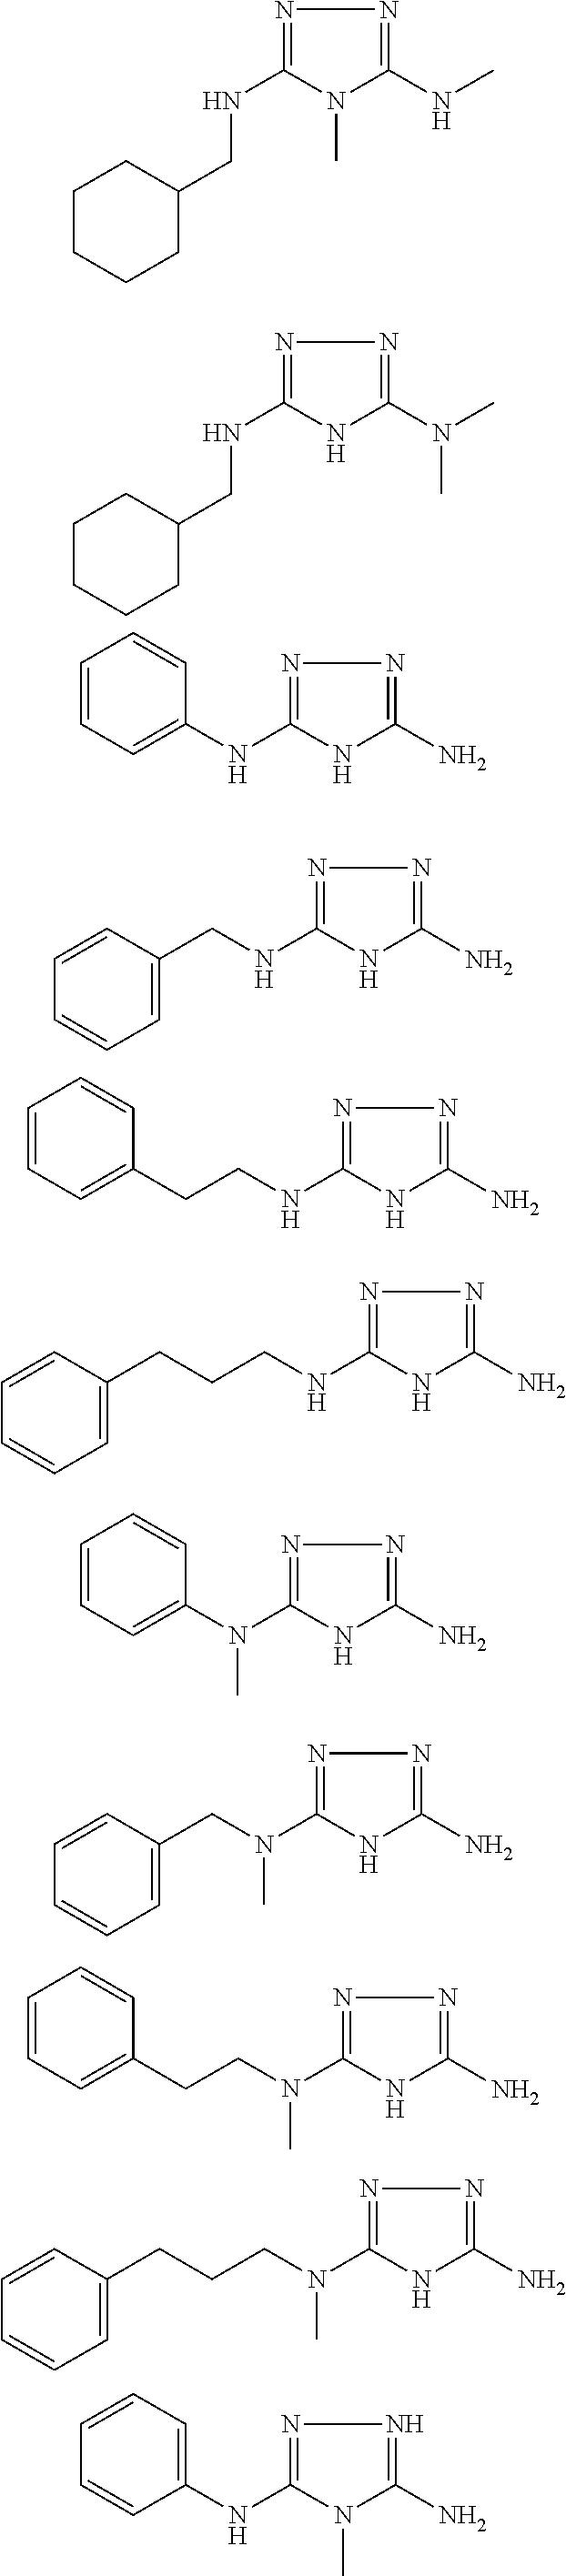 Figure US09480663-20161101-C00058